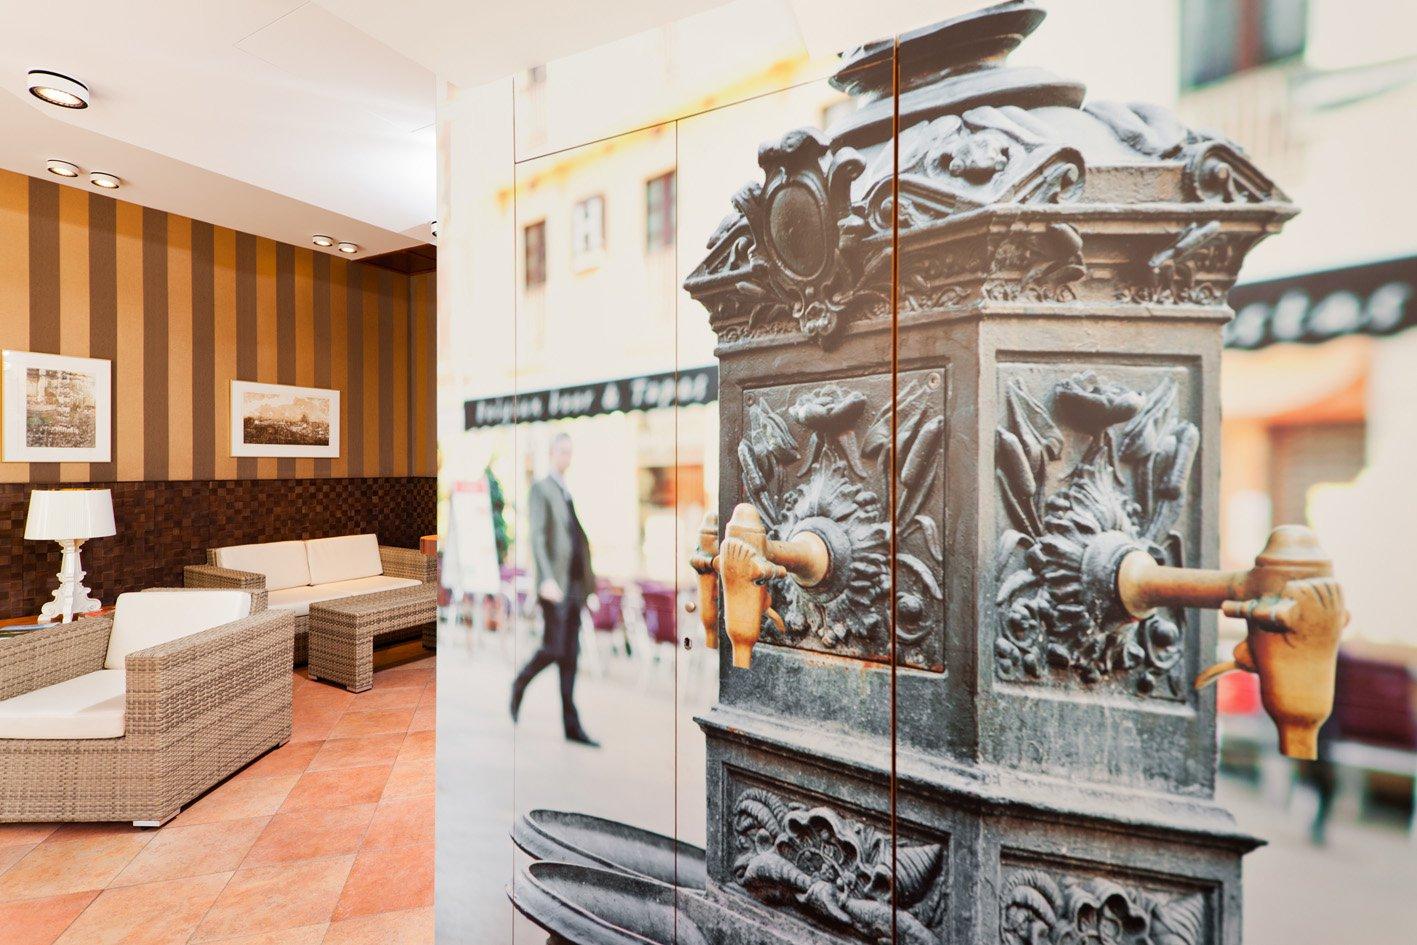 hotel_la_fontnombre_del_documento_19-0ed74bfd6fc002713bf0e9e96ea5ca55